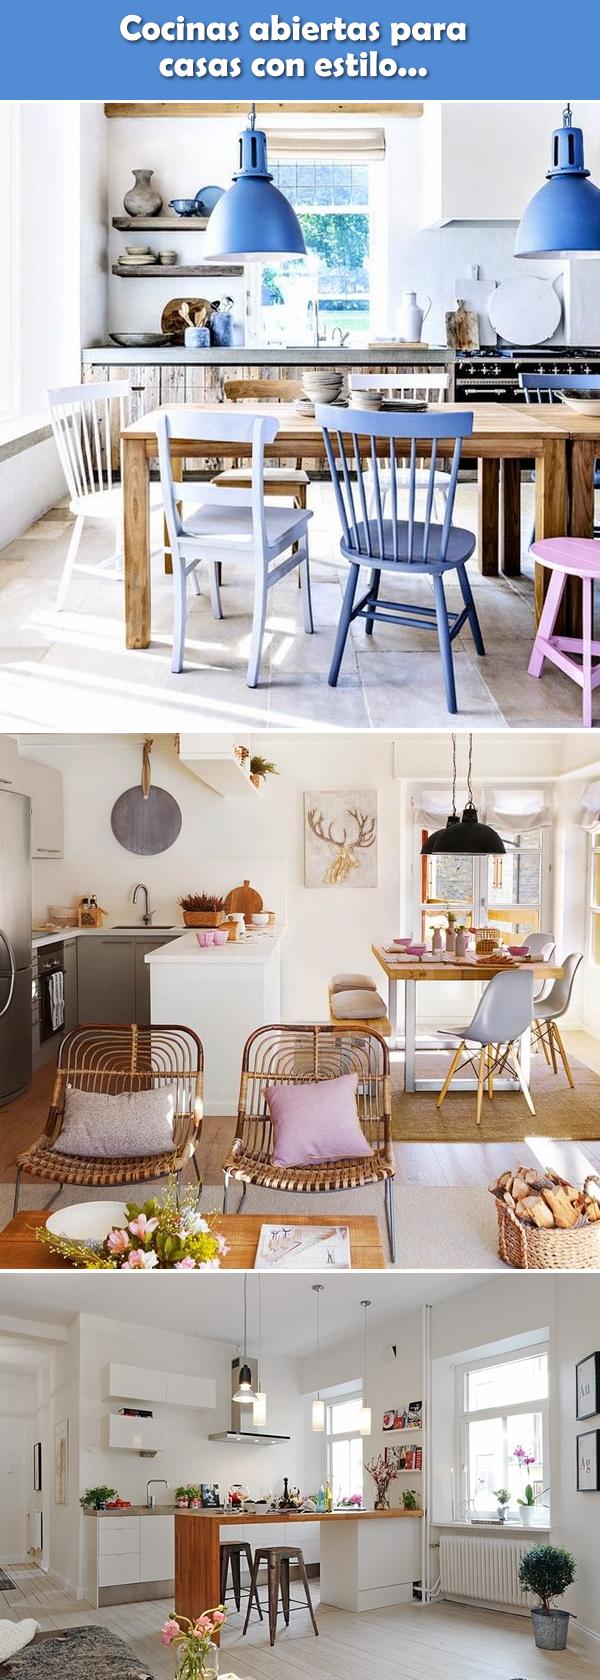 Cocinas abiertas para casas con estilo spaces cozinhas for Cocinas y salas integradas modernas